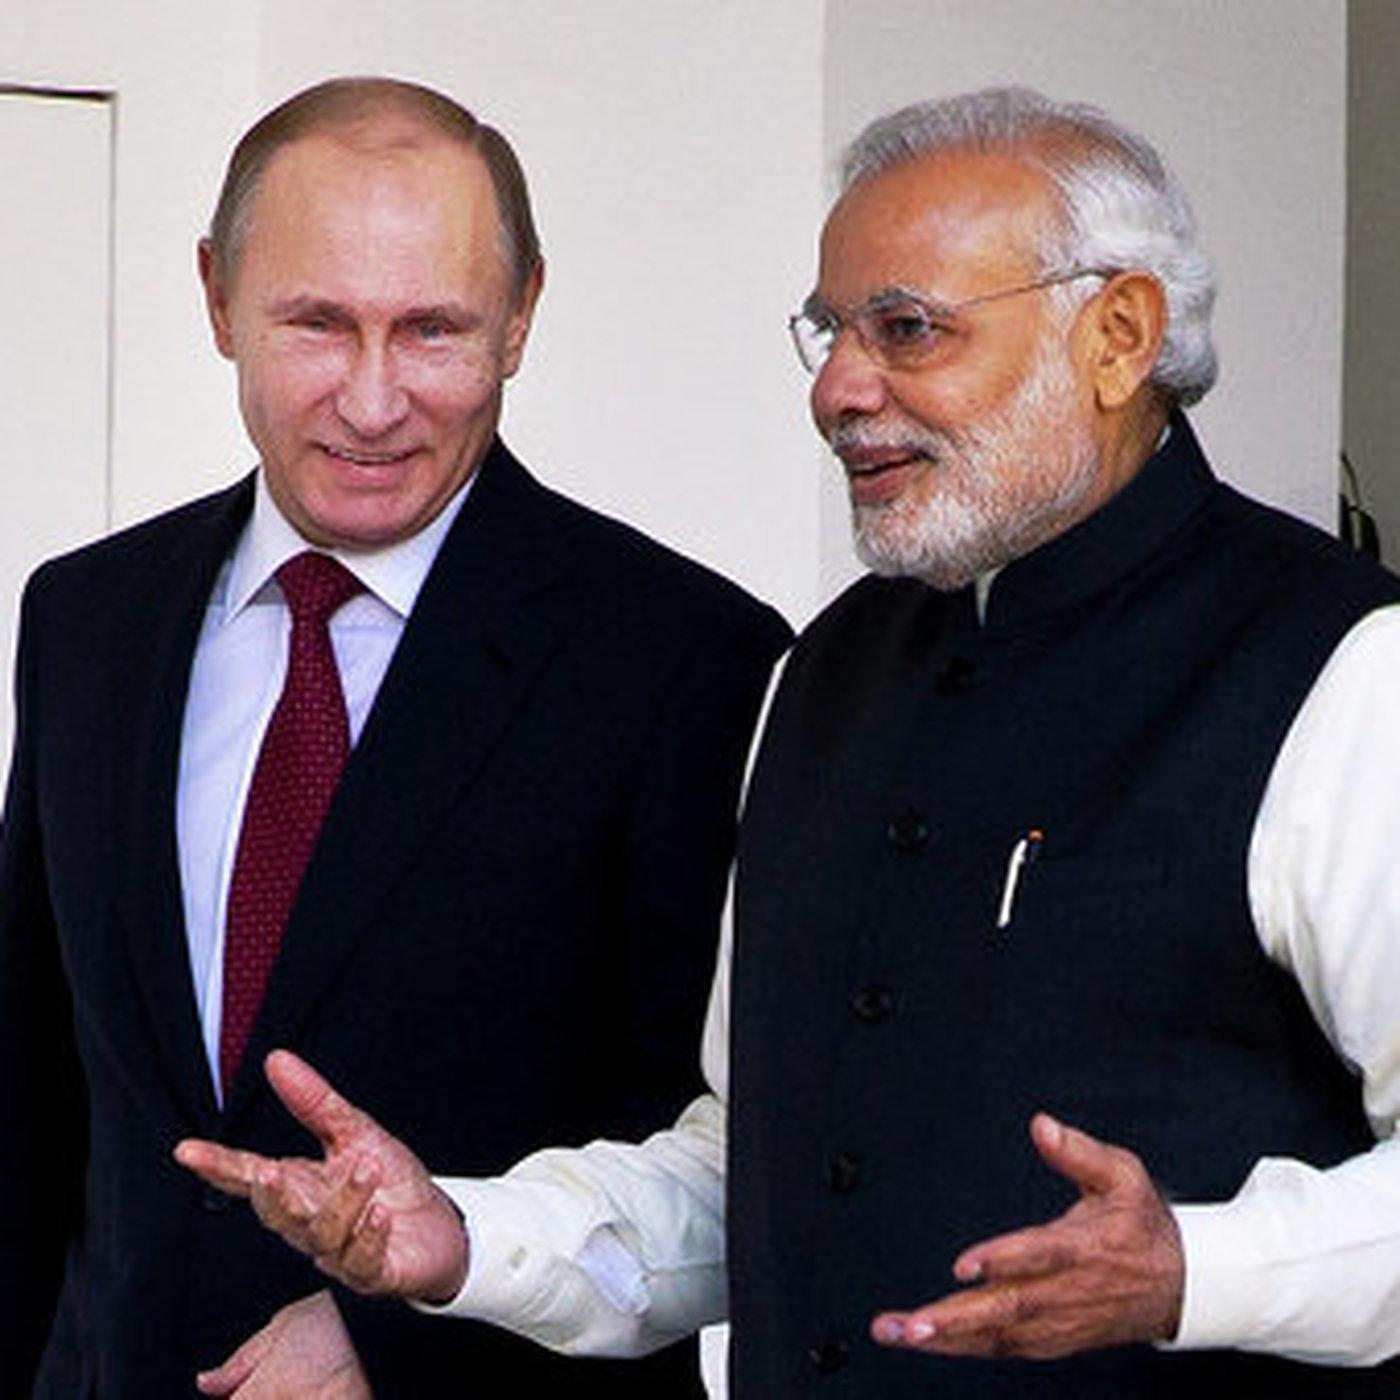 Путин обсудил с Моди конфликт Индии и Пакистана  Яндекс.Новости 3f9ecad87013d